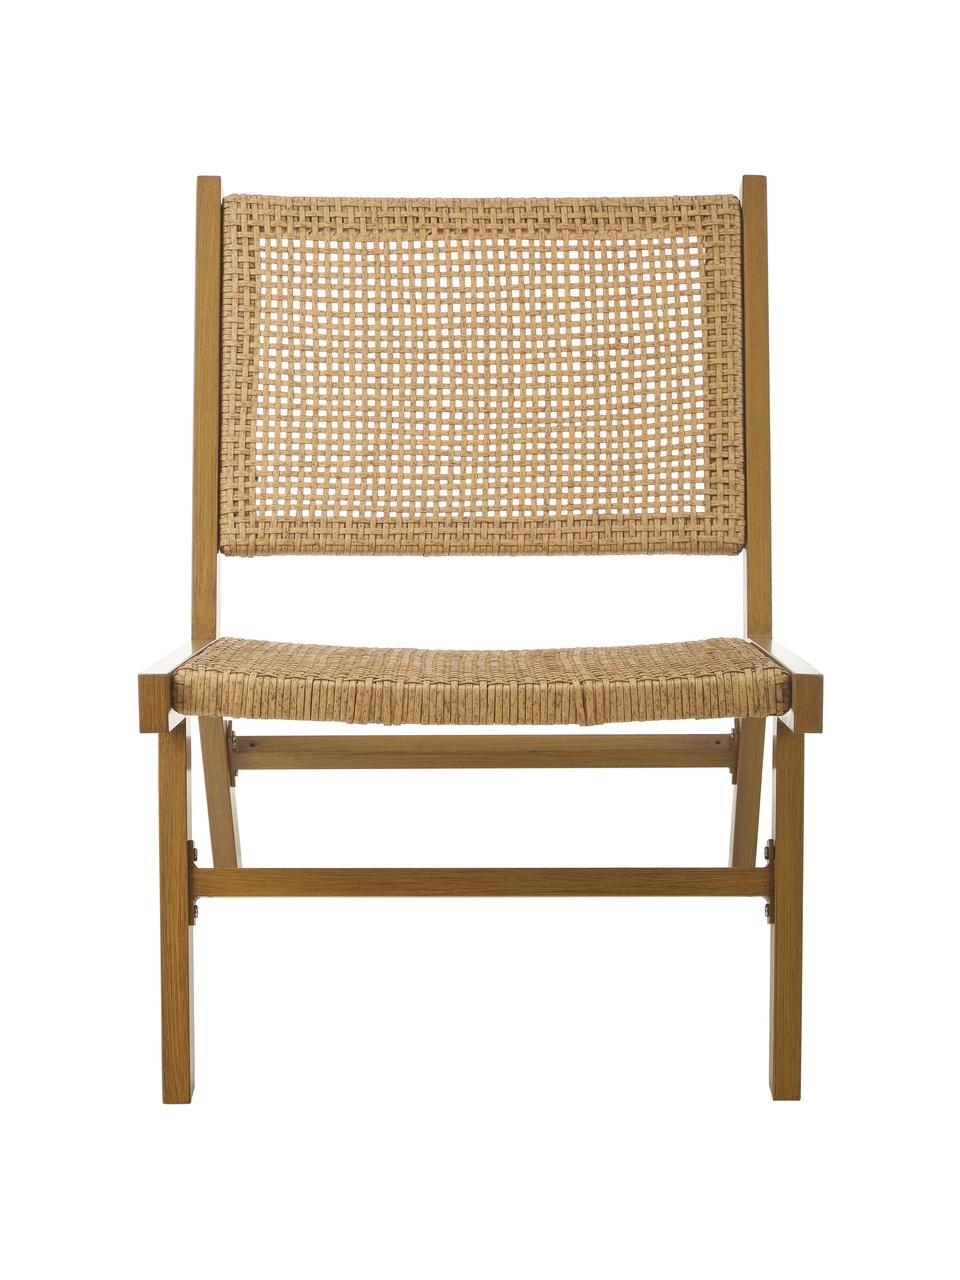 Garten-Loungesessel Palina mit Kunststoff-Geflecht in Holzoptik, Gestell: Metall, pulverbeschichtet, Sitzfläche: Kunststoff-Geflecht, Braun, B 57 x T 78 cm